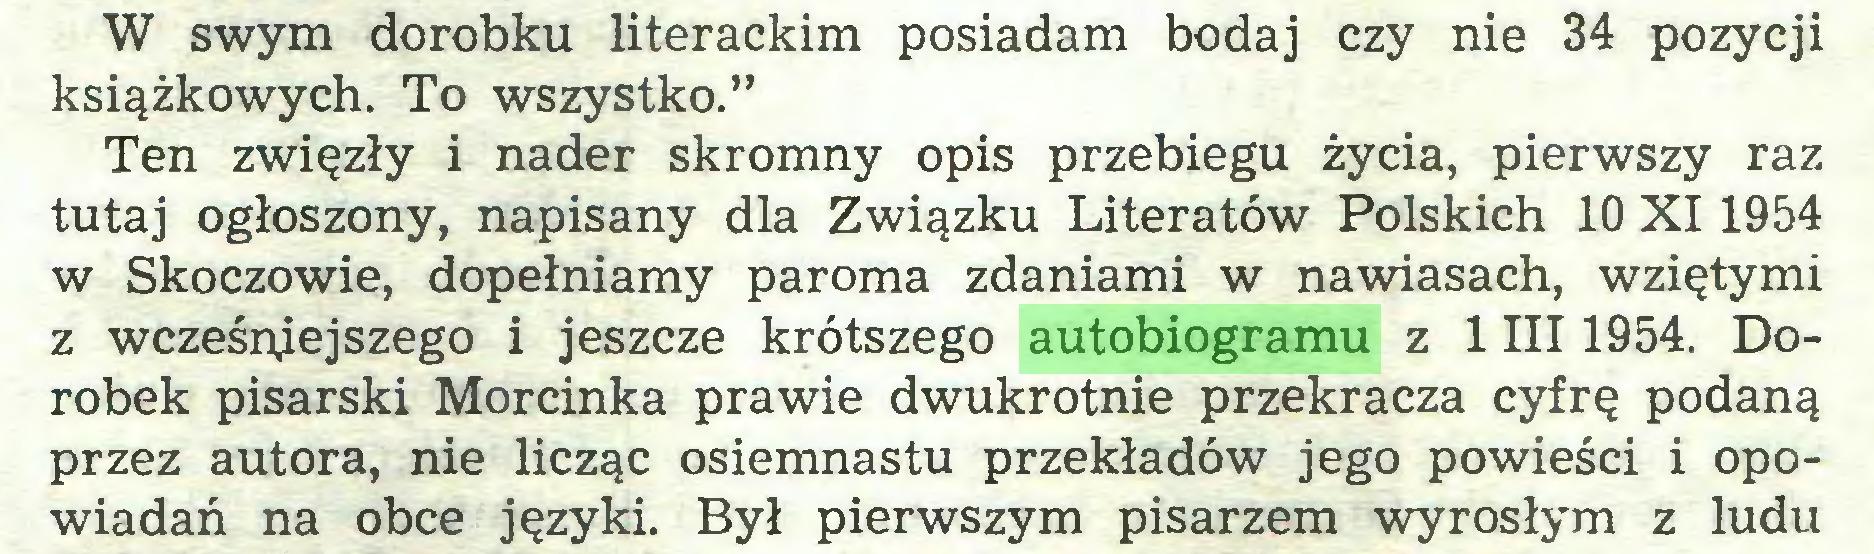 """(...) W swym dorobku literackim posiadam bodaj czy nie 34 pozycji książkowych. To wszystko."""" Ten zwięzły i nader skromny opis przebiegu życia, pierwszy raz tutaj ogłoszony, napisany dla Związku Literatów Polskich 10 XI 1954 w Skoczowie, dopełniamy paroma zdaniami w nawiasach, wziętymi z wcześniejszego i jeszcze krótszego autobiogramu z 1 III 1954. Dorobek pisarski Morcinka prawie dwukrotnie przekracza cyfrę podaną przez autora, nie licząc osiemnastu przekładów jego powieści i opowiadań na obce języki. Był pierwszym pisarzem wyrosłym z ludu..."""